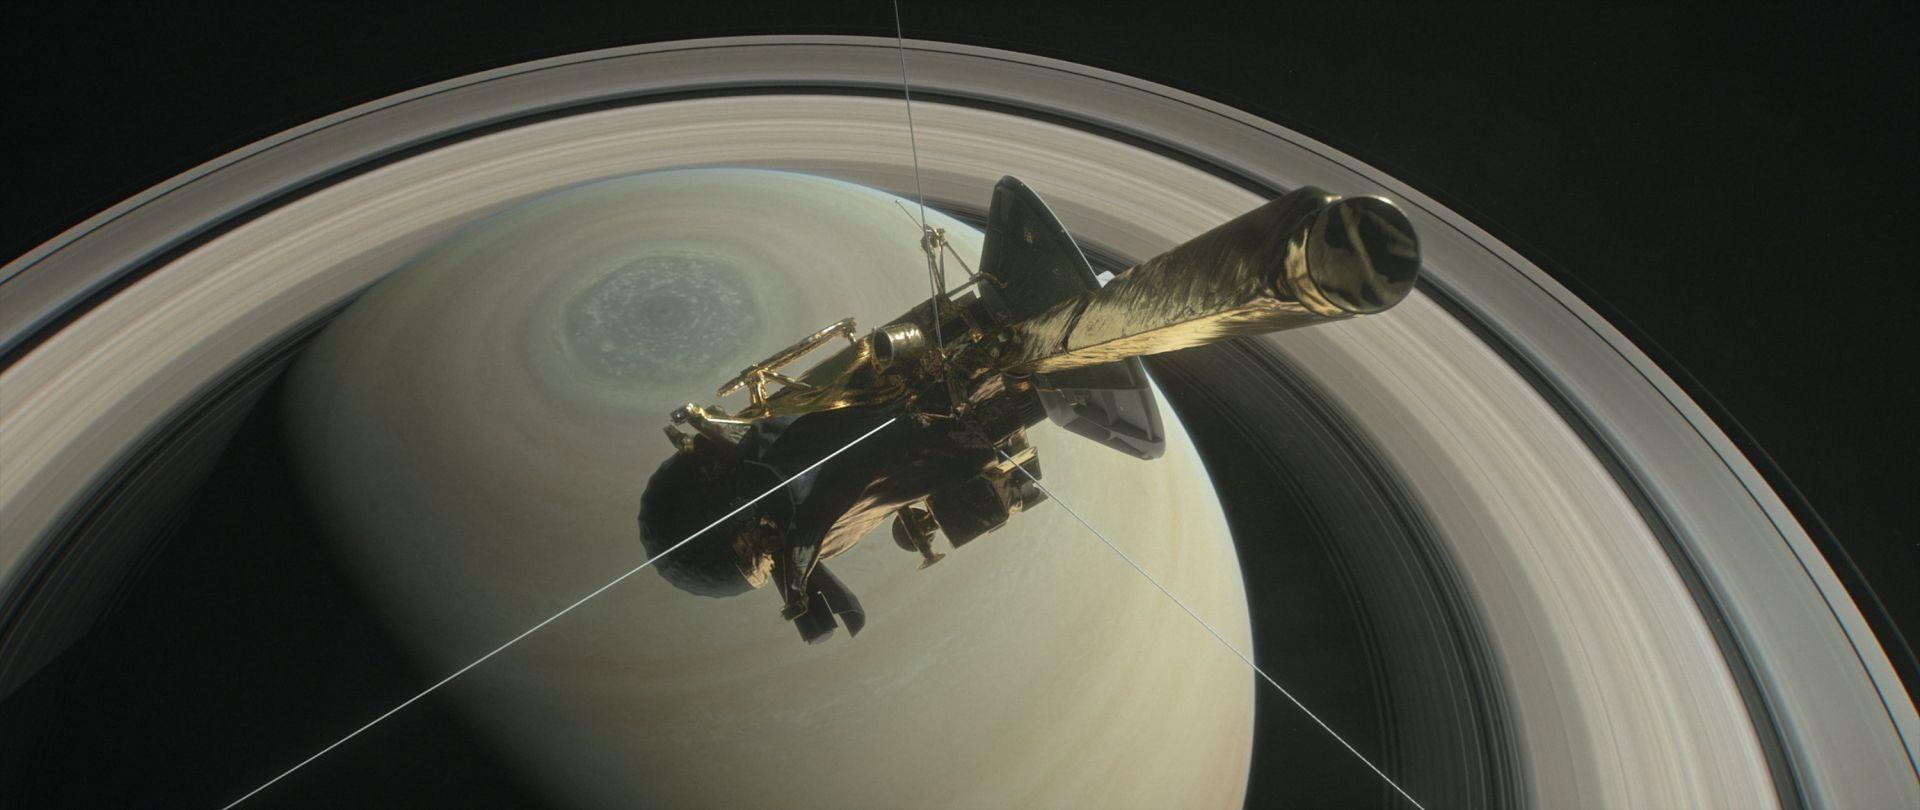 Encélado, la luna de Saturno, puede tener condiciones de habitabilidad